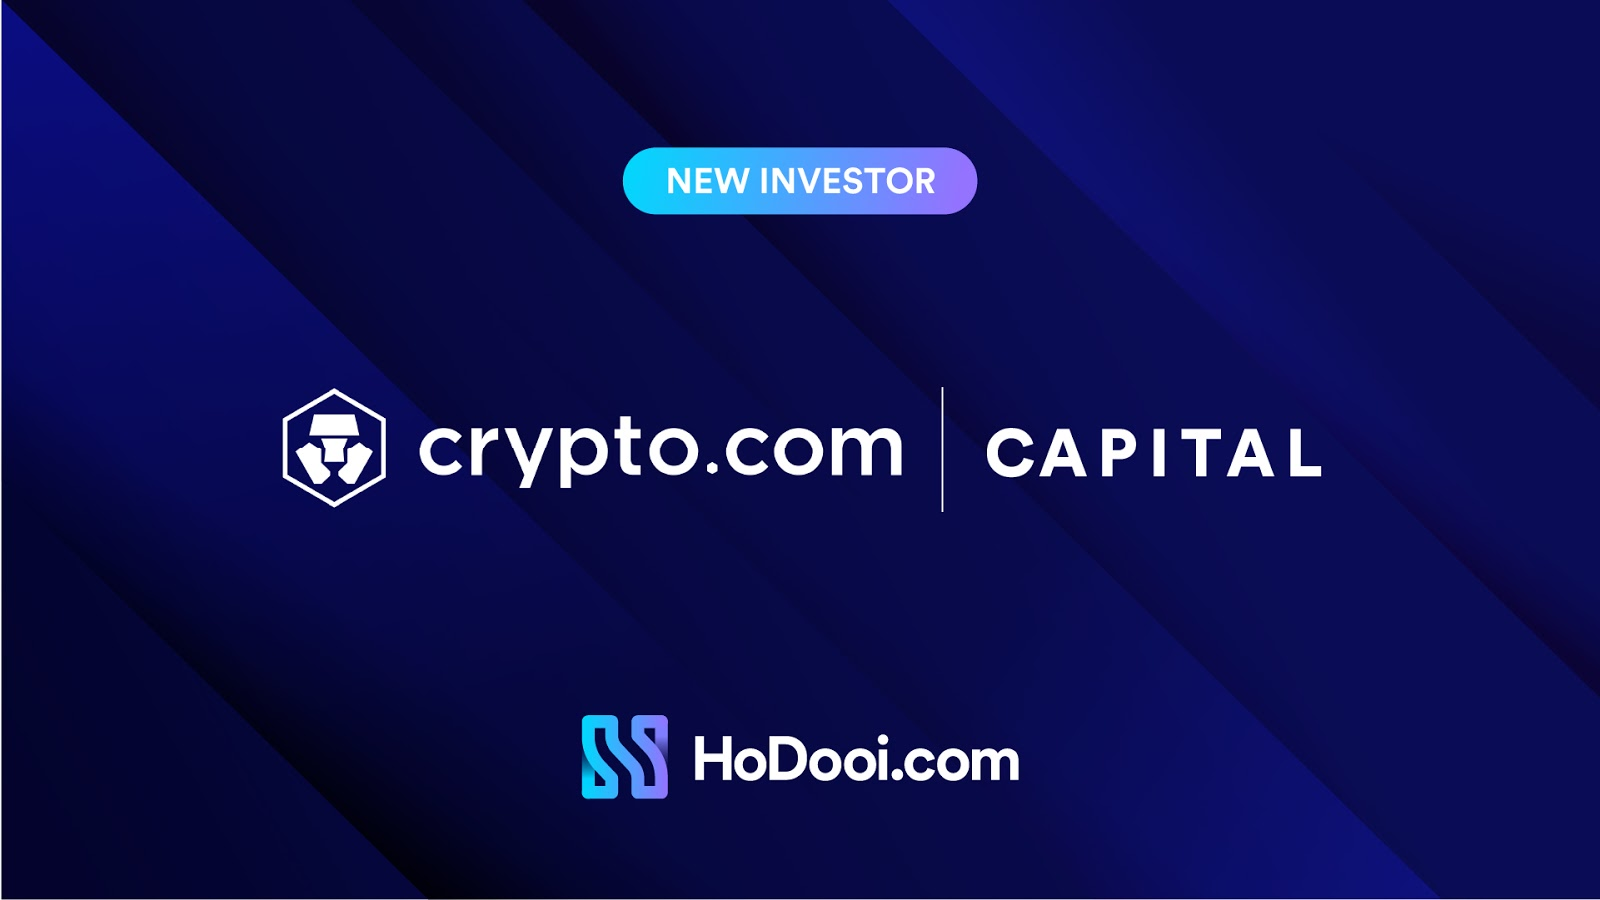 https://storage.googleapis.com/accesswire/media/652251/Cryptocom-Invests-in-Hodooi.jpg